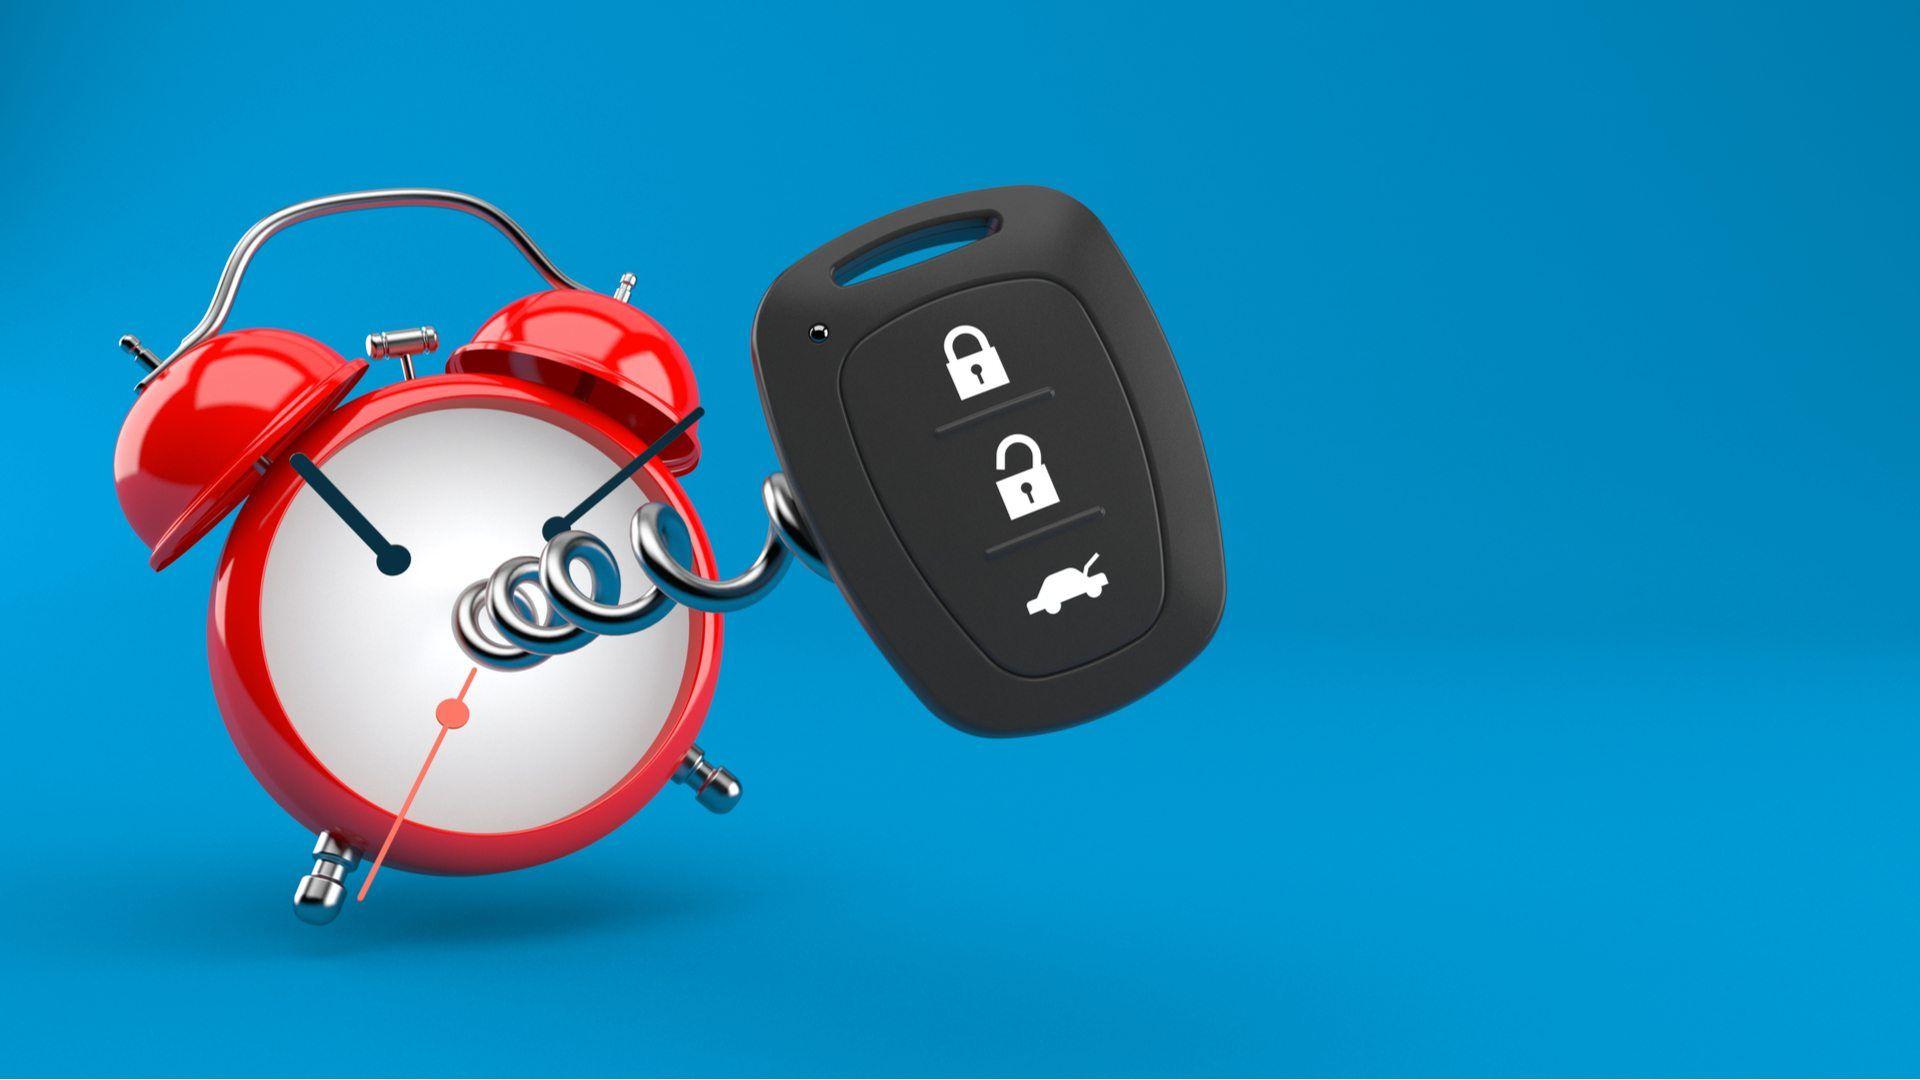 Relógio antigo com controle de alarme automotivo em fundo azul